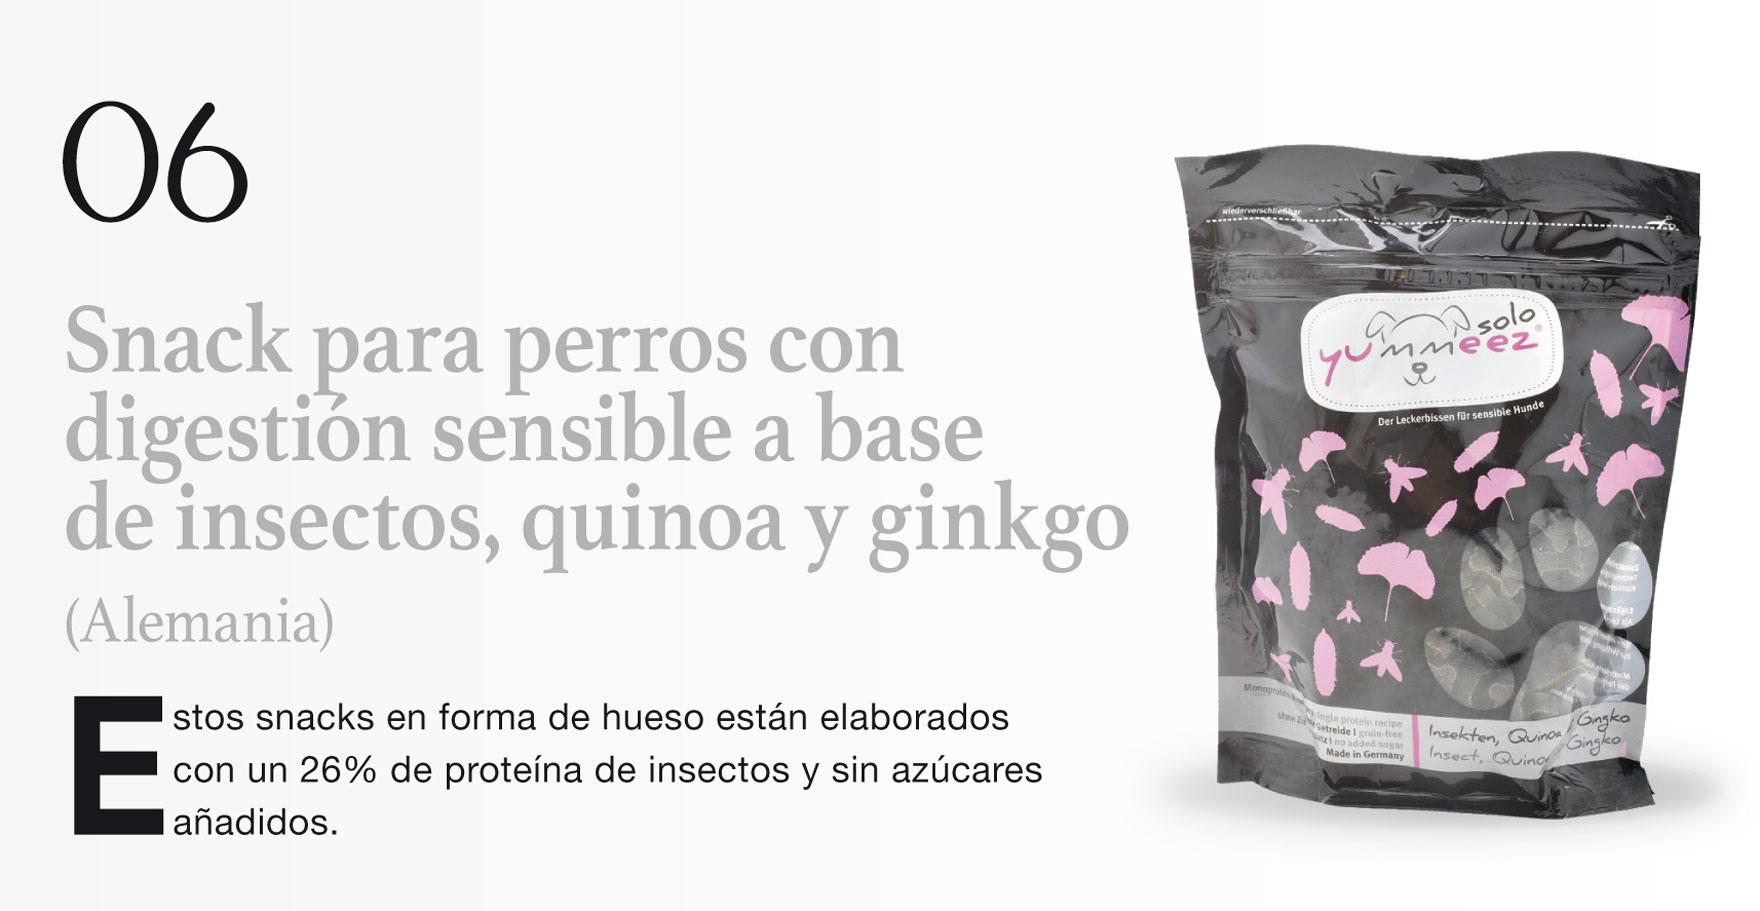 Snack para perros con digestión sensible a base de insectos, quinoa y ginkgo (Alemania)